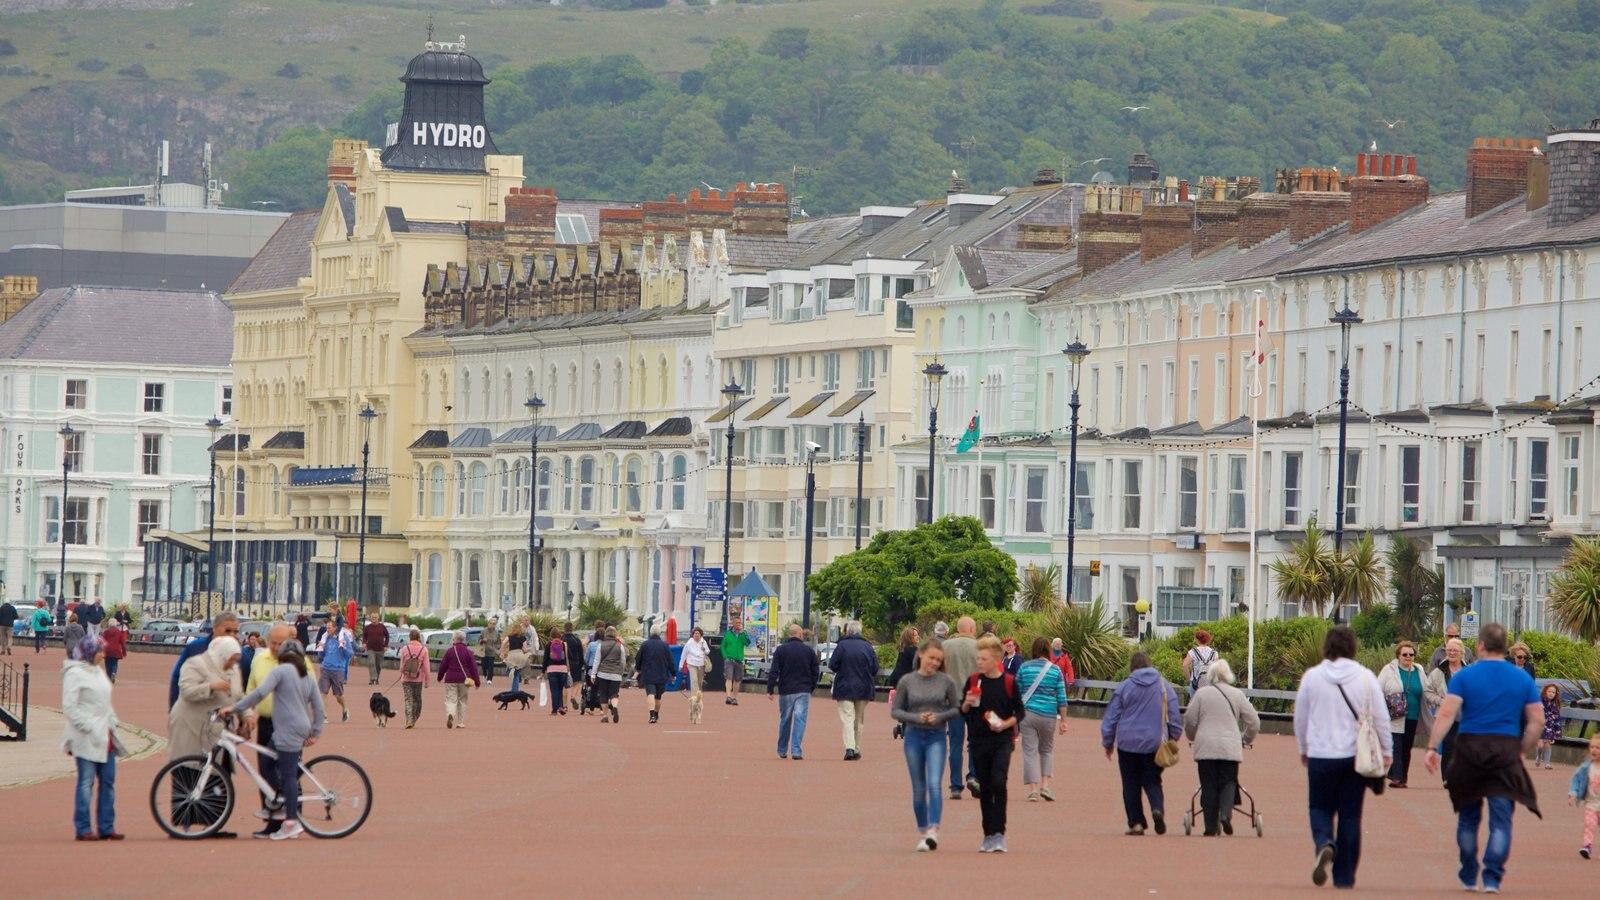 Llandudno que incluye una pequeña ciudad o pueblo y un parque o plaza y también un gran grupo de personas